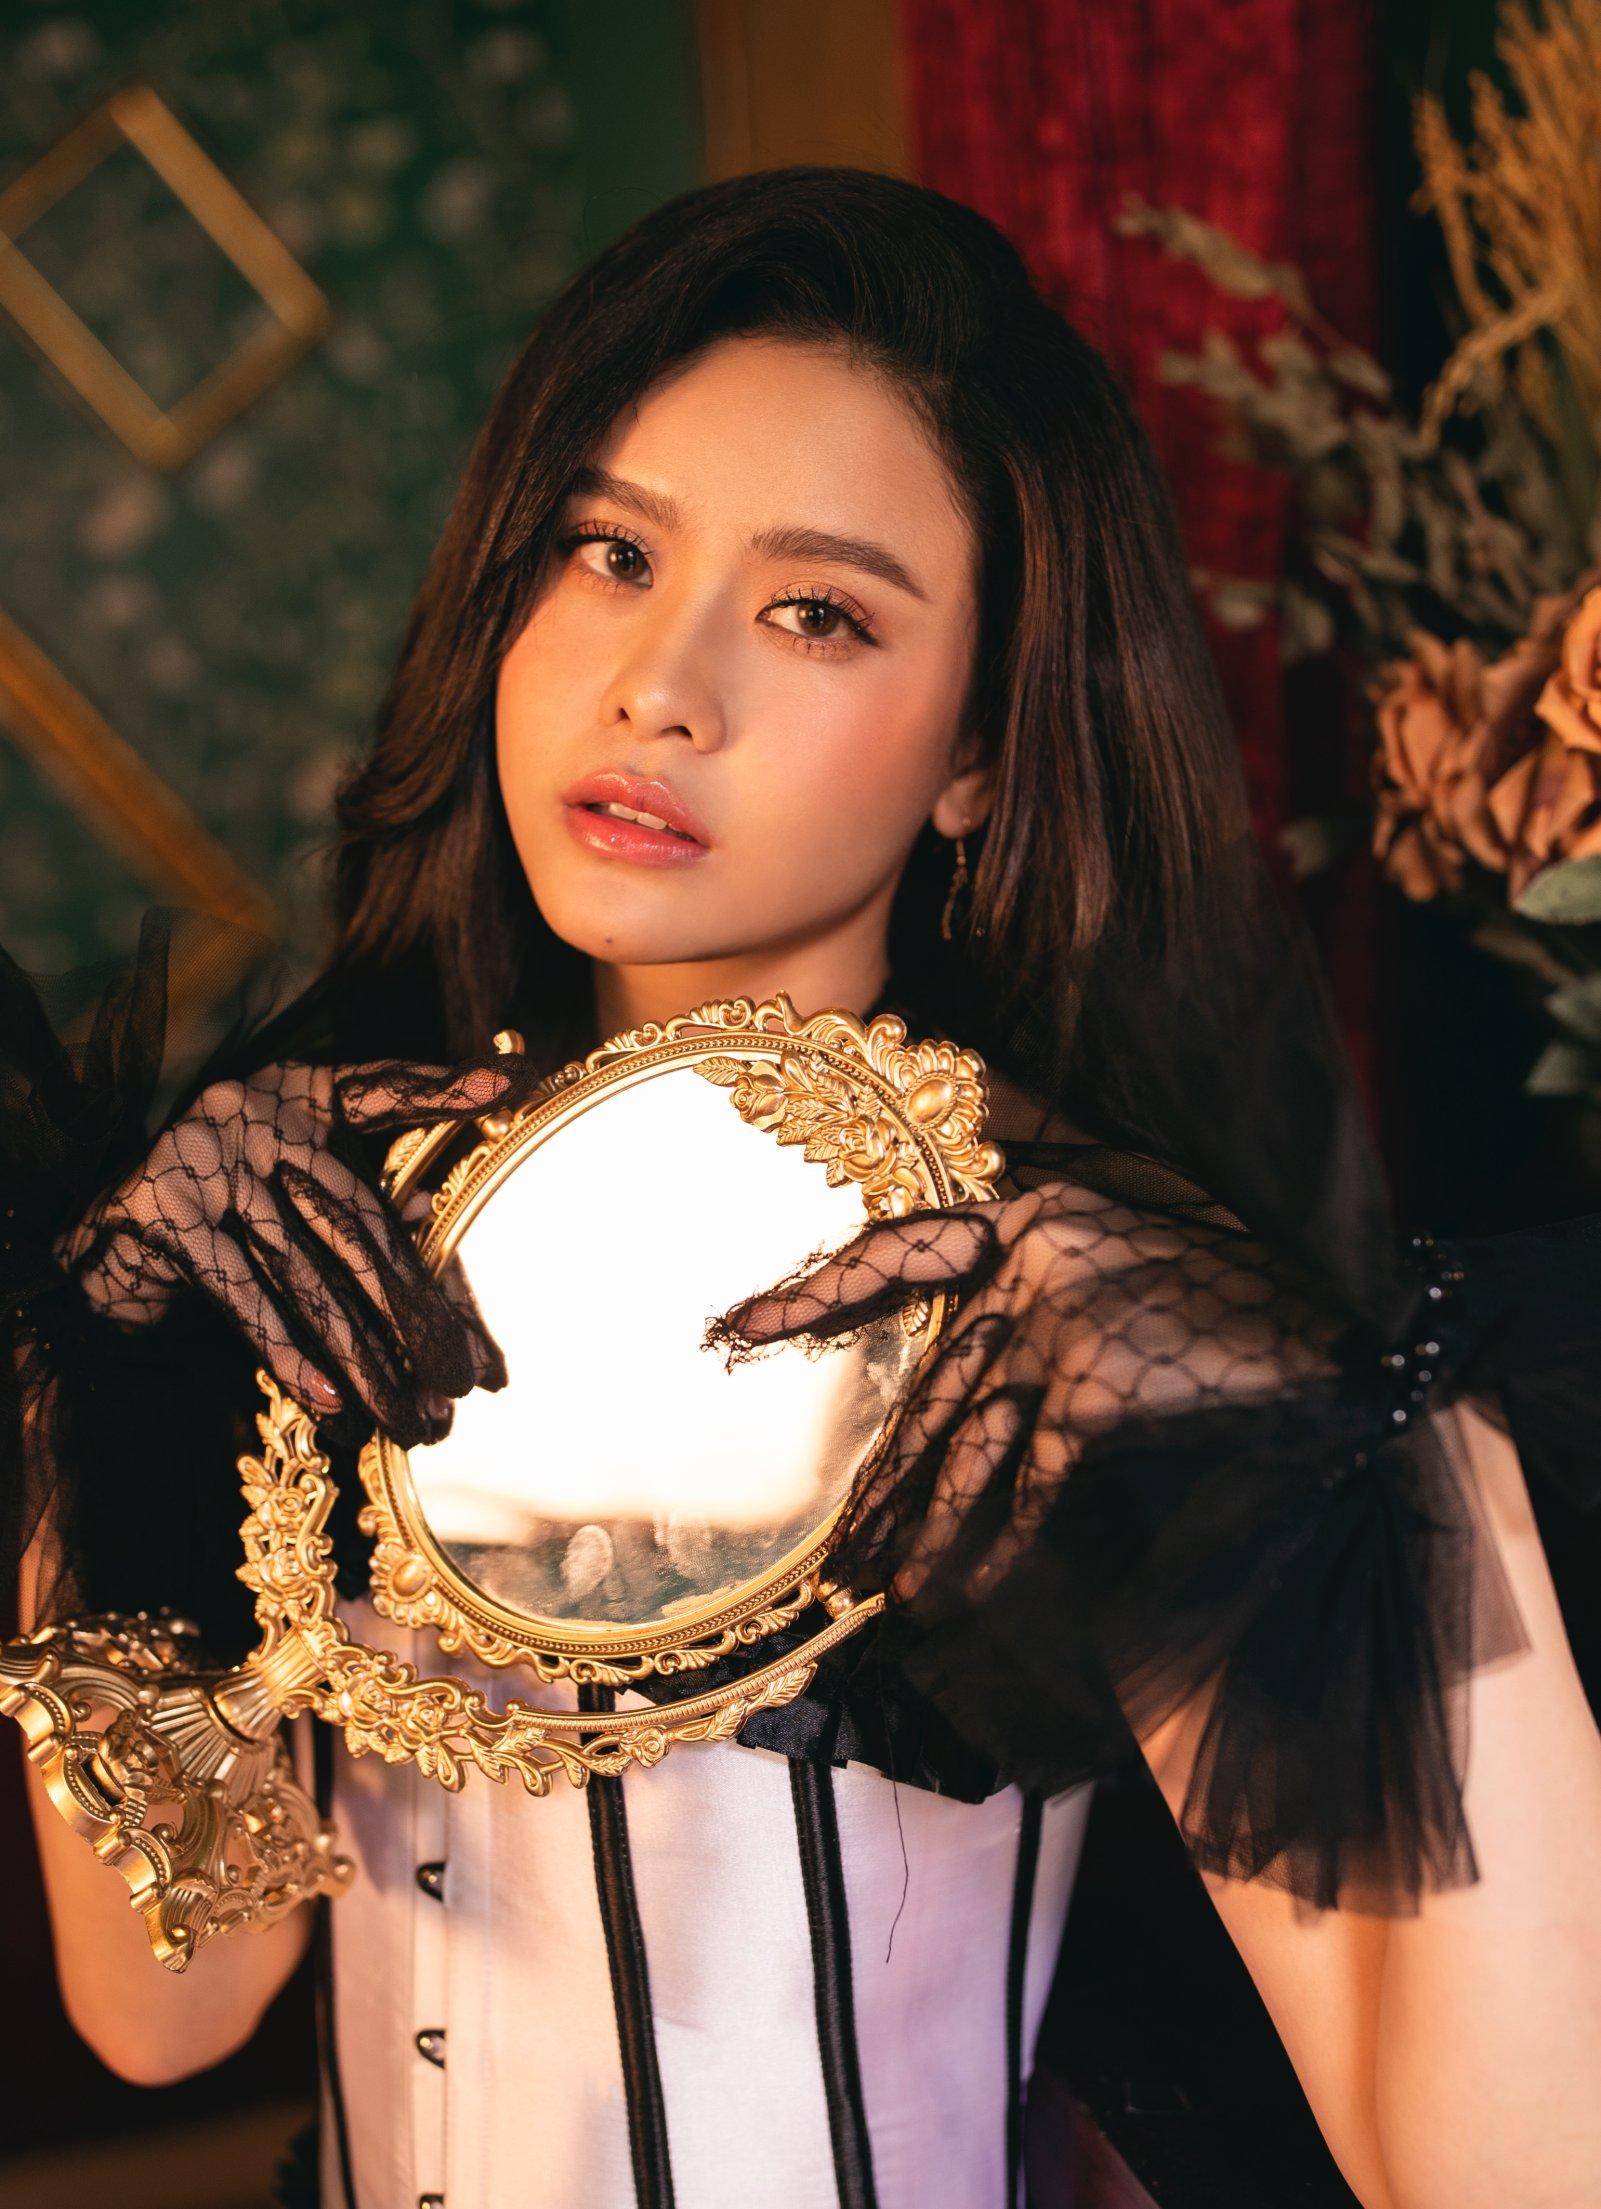 Trương Quỳnh Anh tung bộ ảnh khoe vai trần quyến rũ đón năm mới - 2